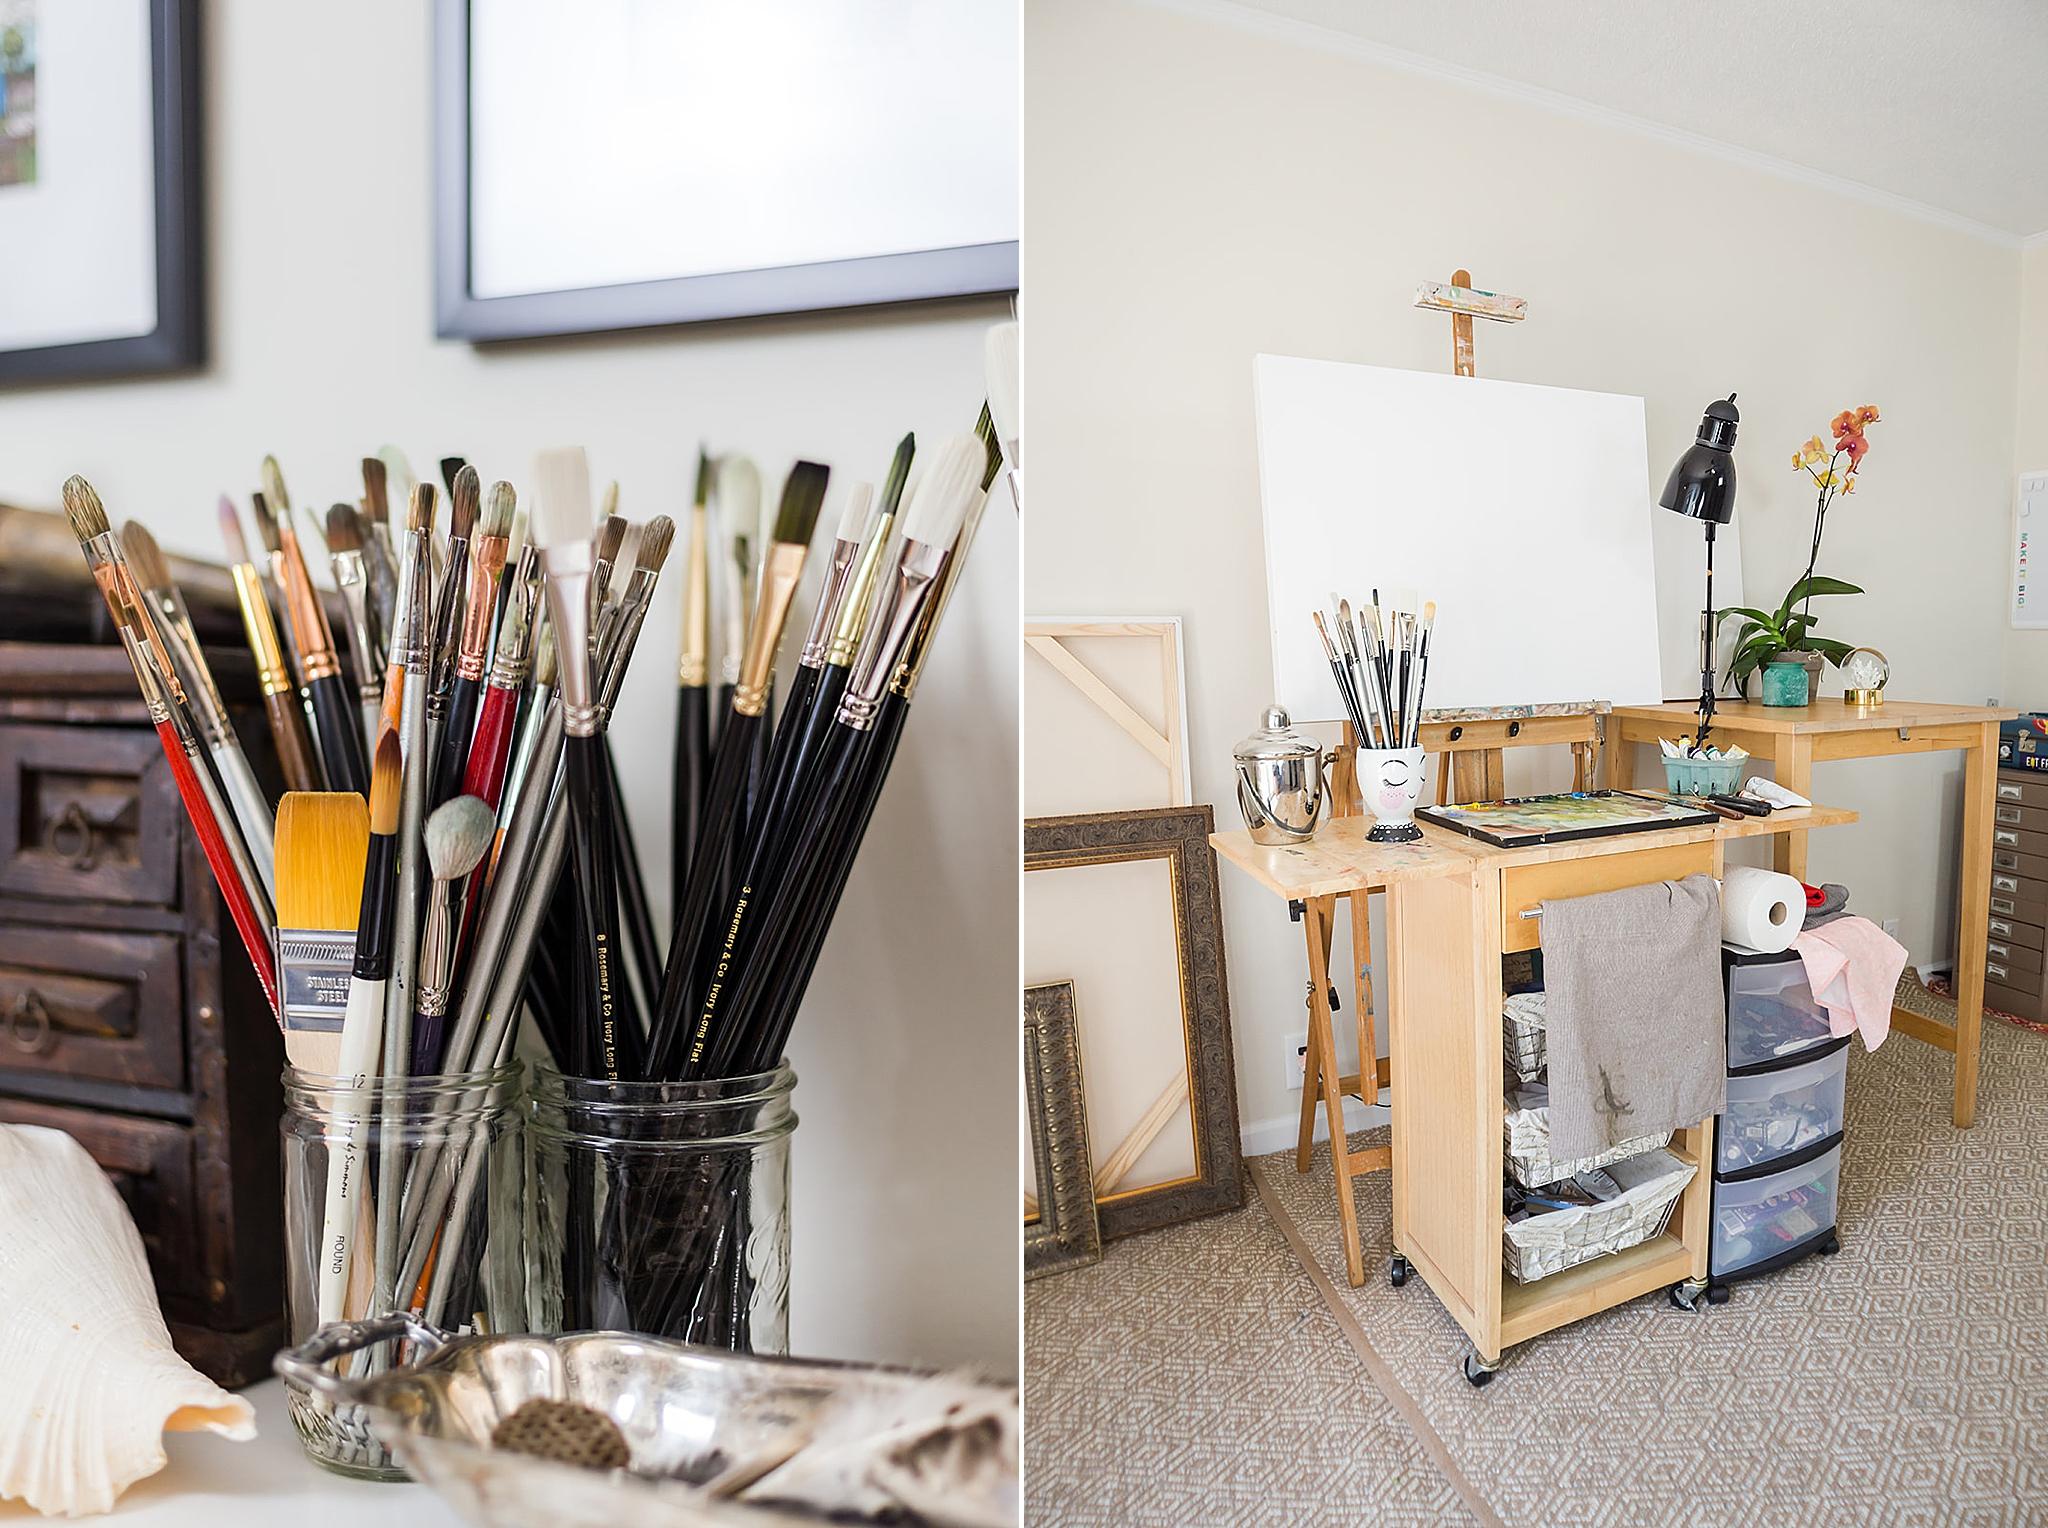 Alabama home studio for local artist